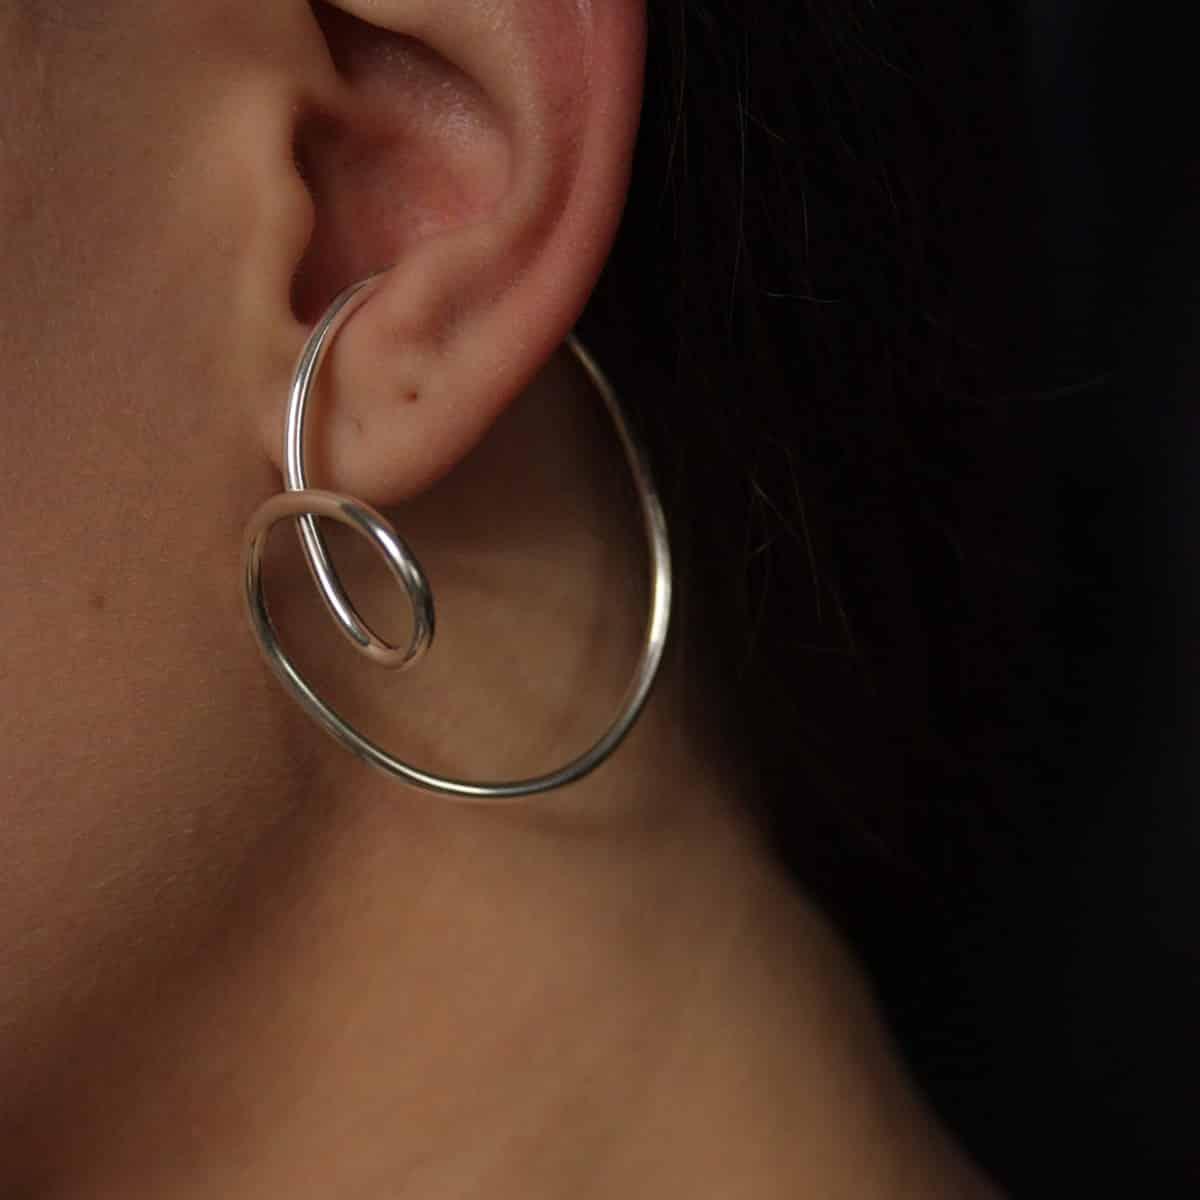 dynasty-ear-pair-s-by-little-hangings-921149-littlehangings